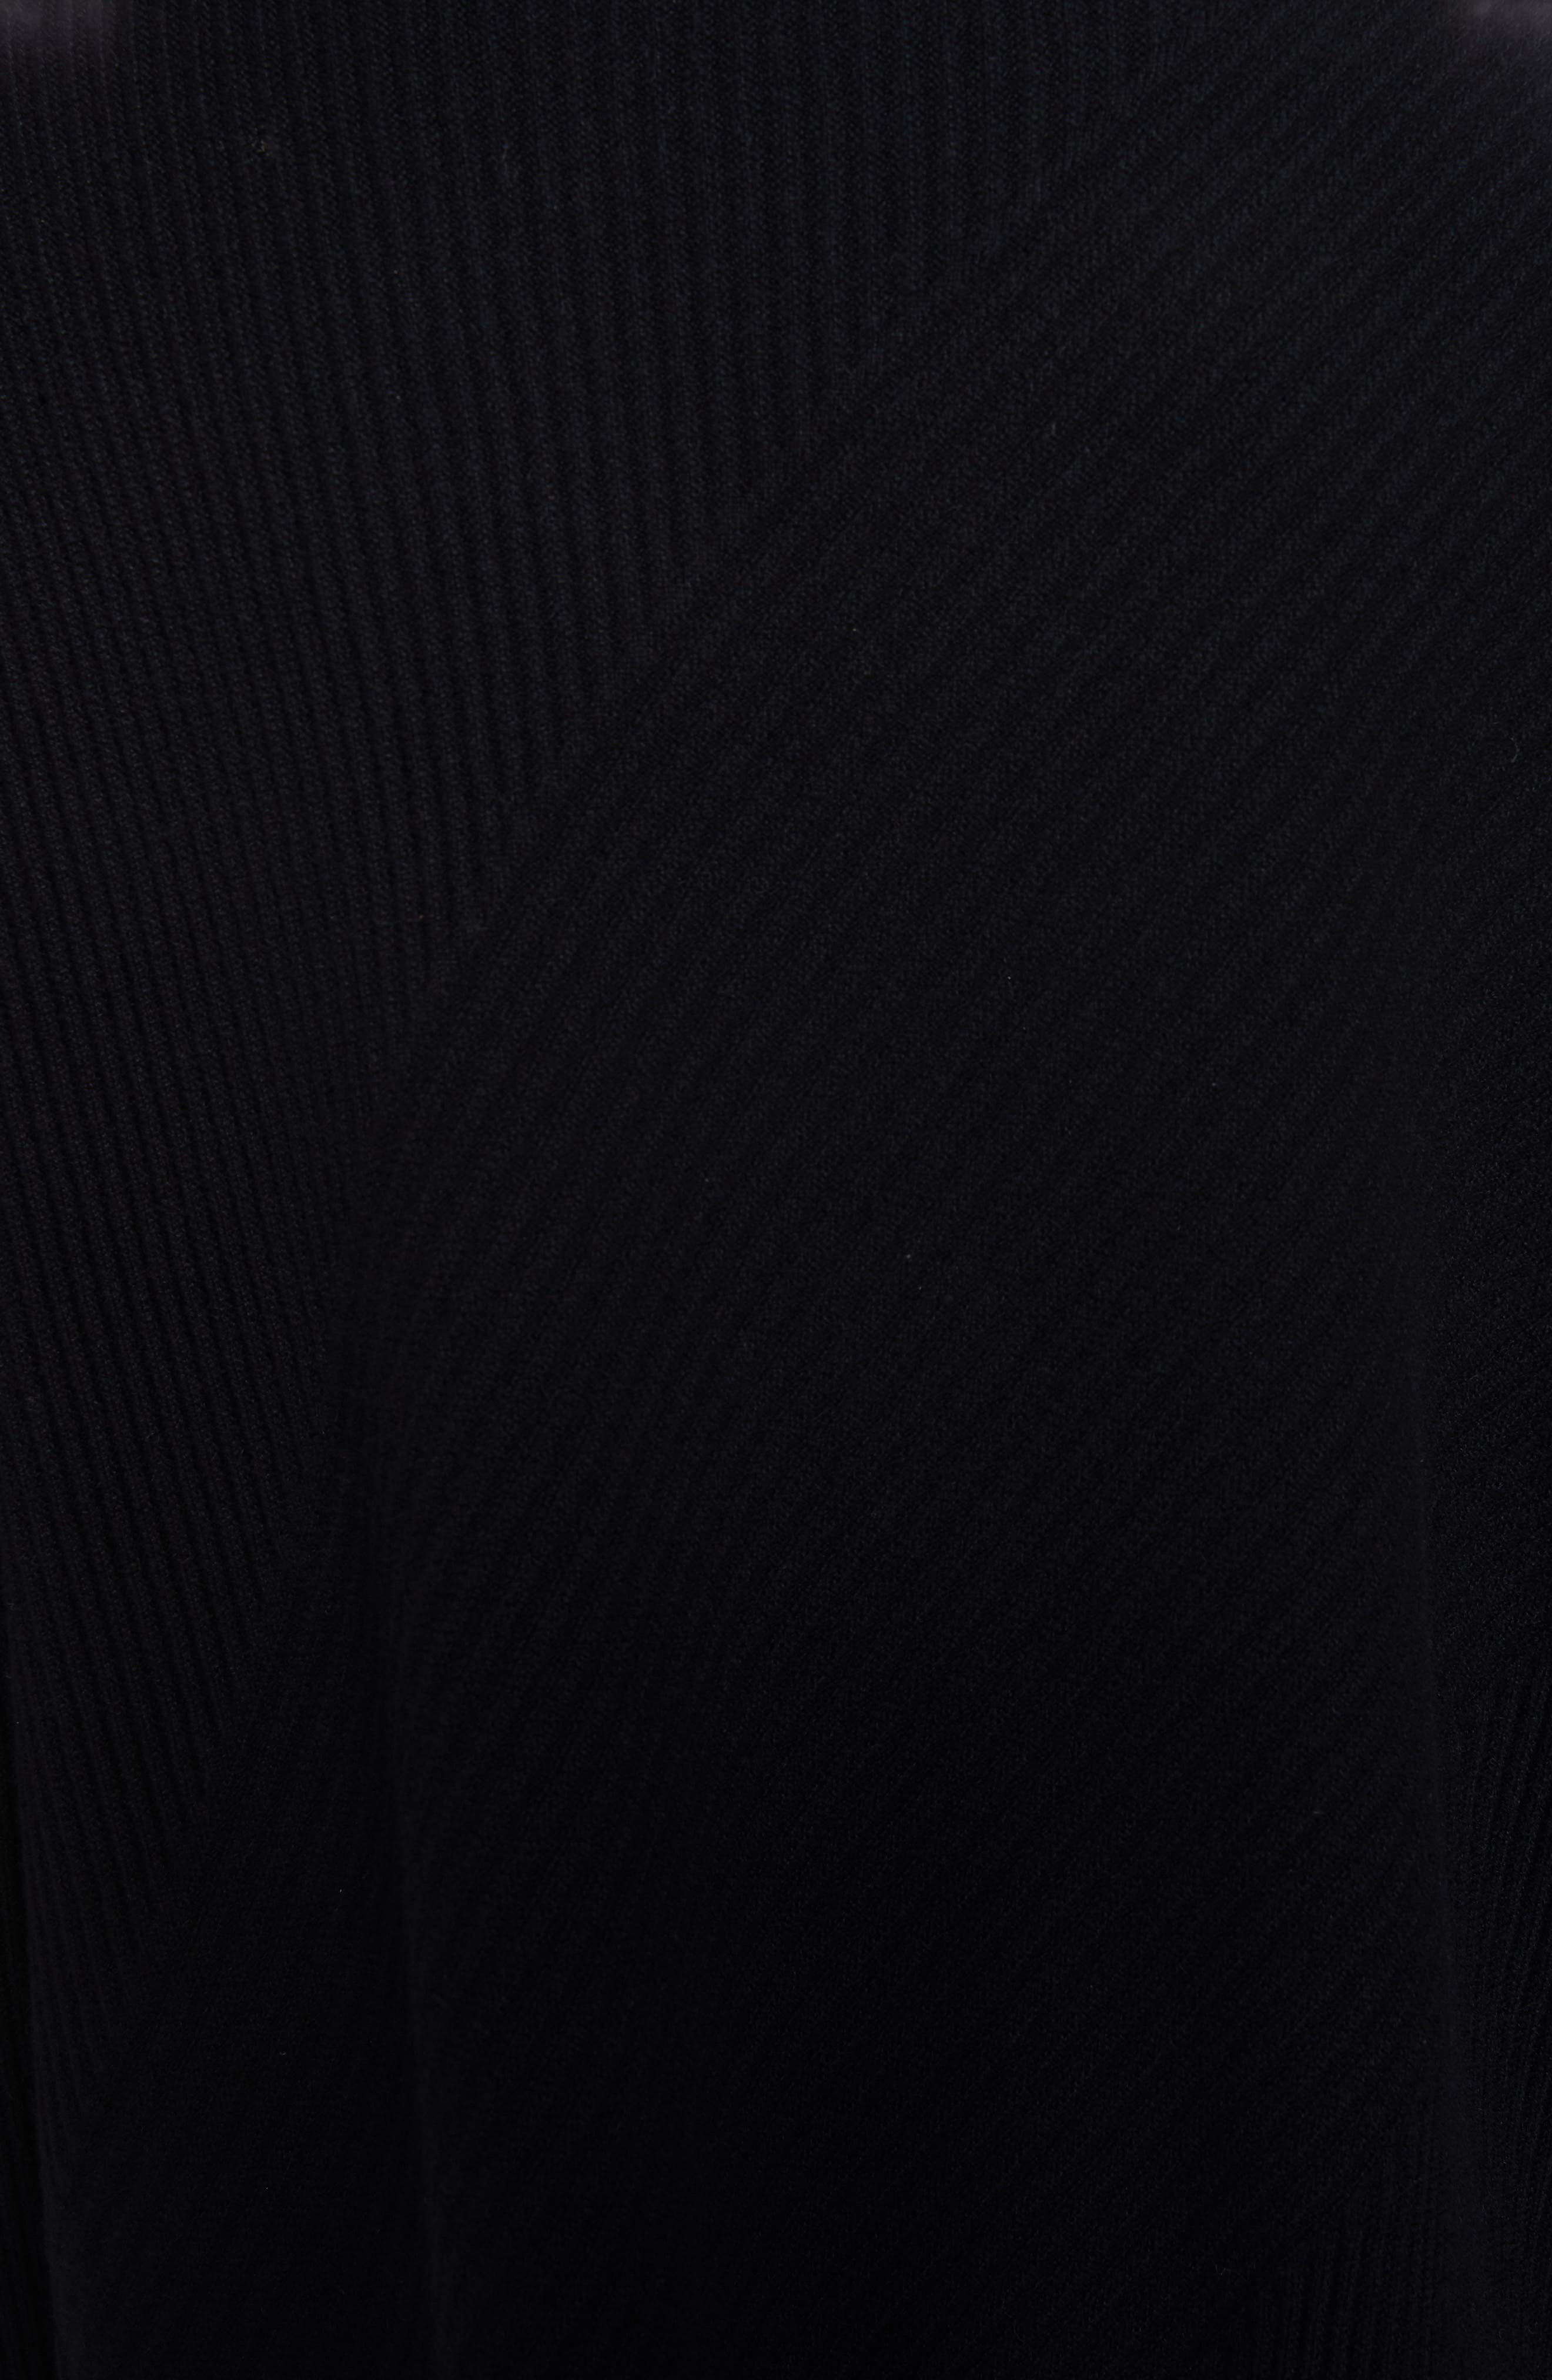 Cashmere Turtleneck Top,                             Alternate thumbnail 5, color,                             BLACK